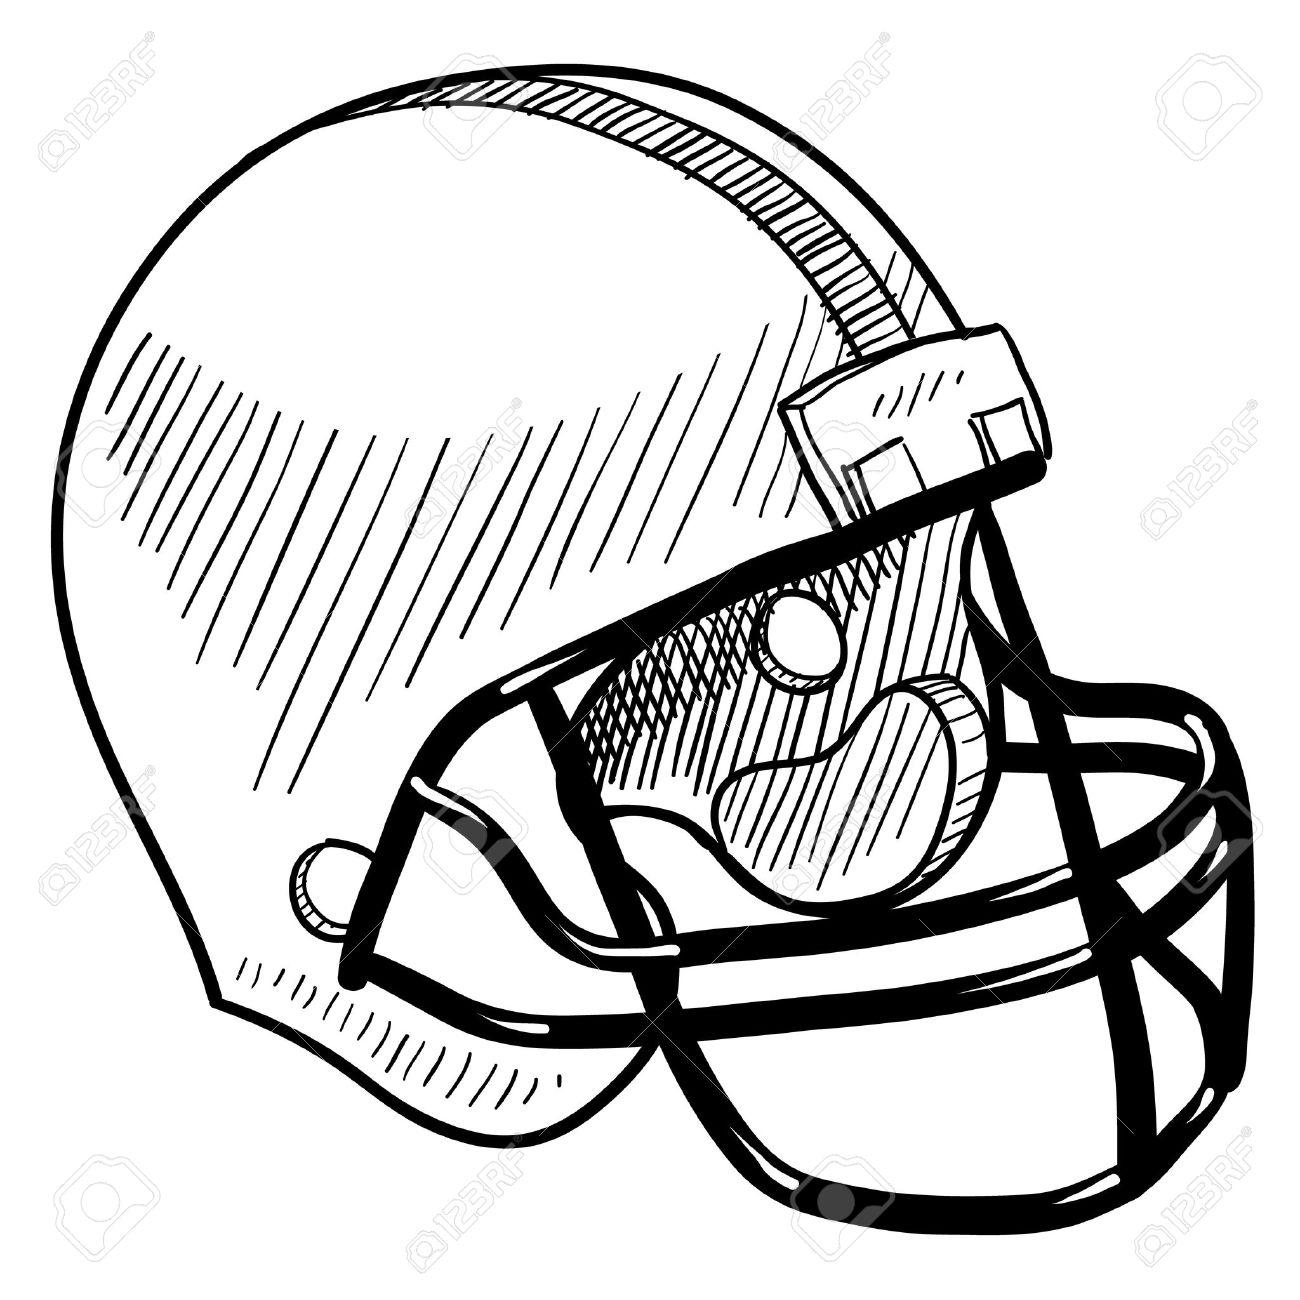 Vintage Football Helmet Clipart